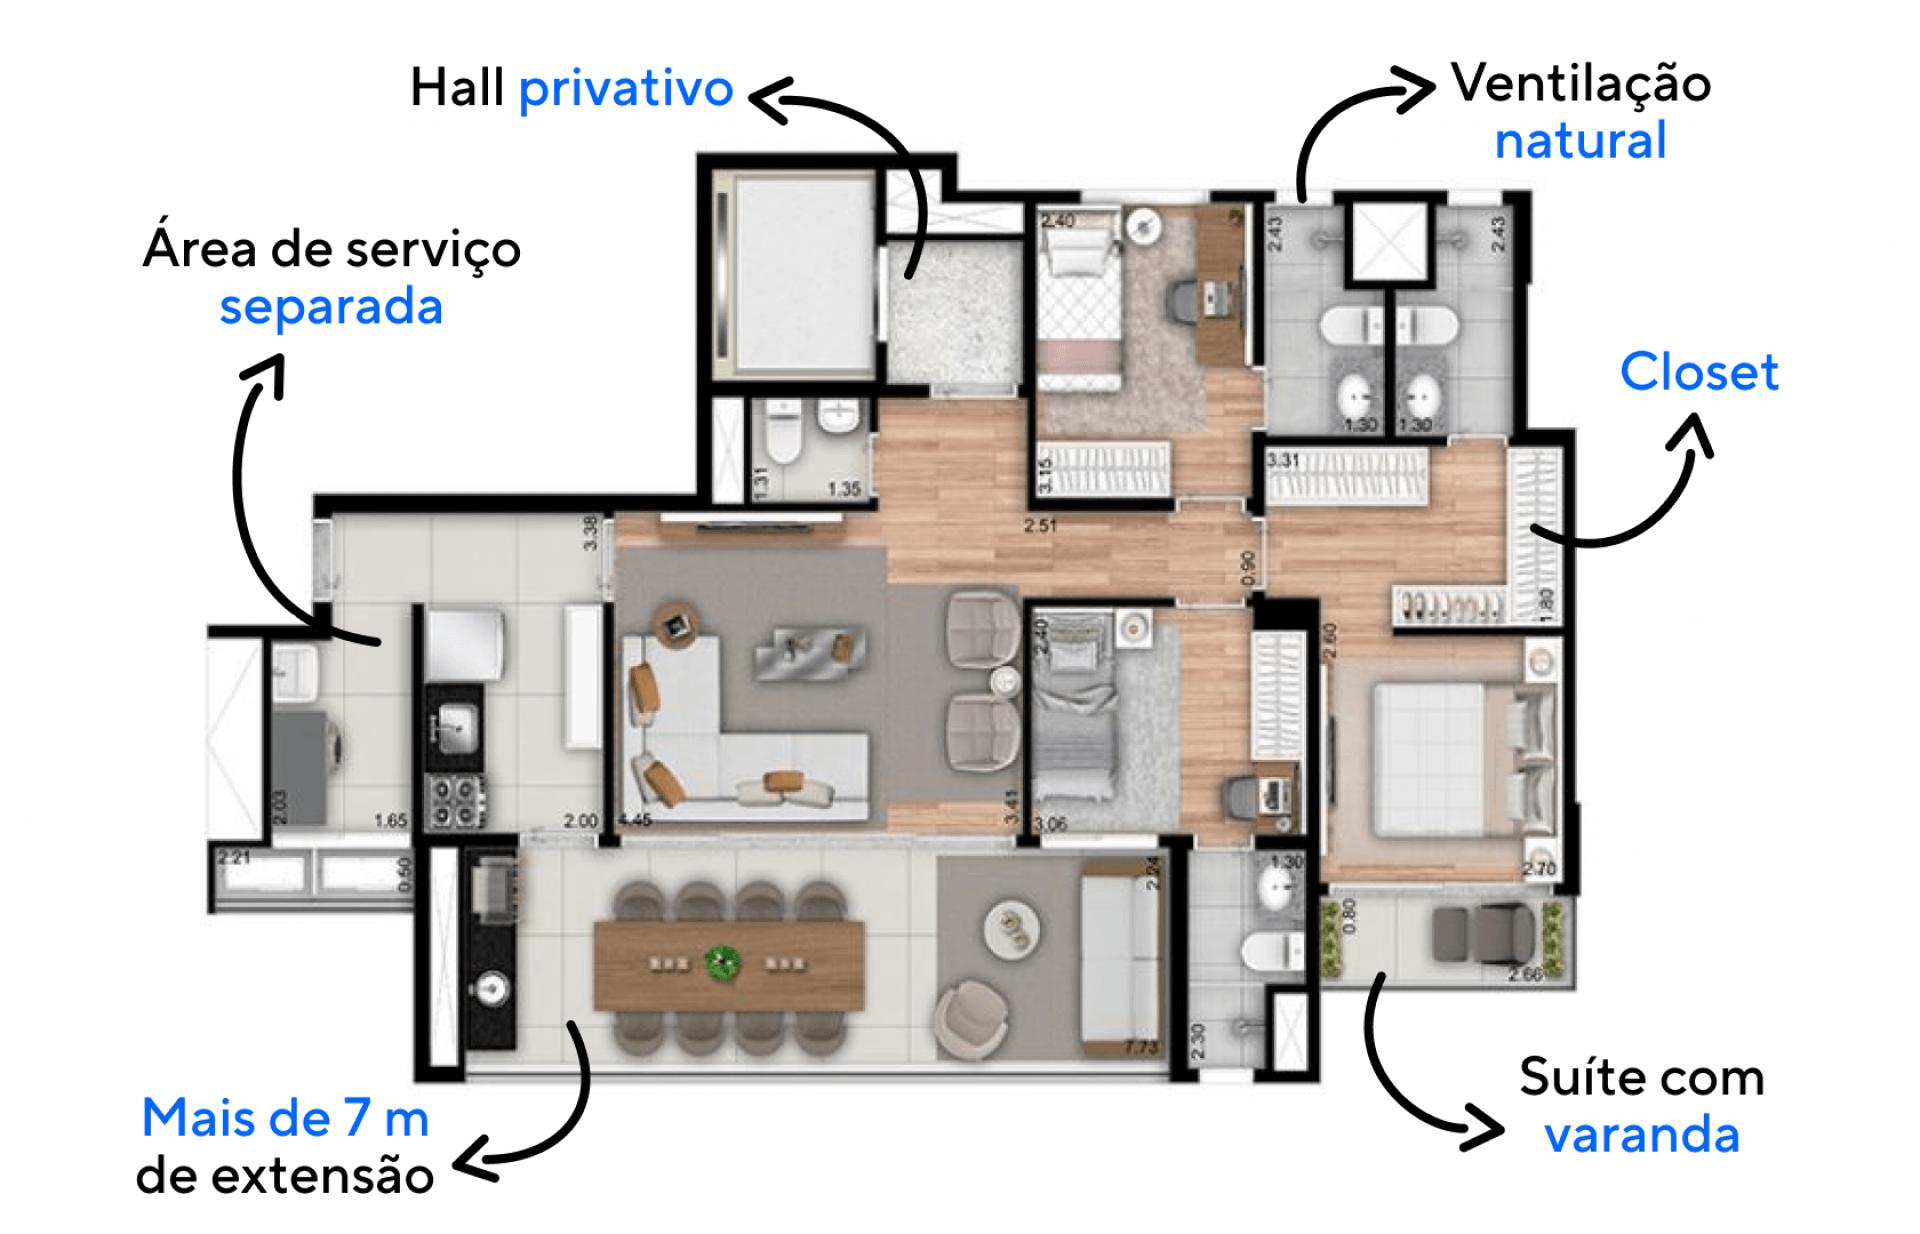 112 M² - 3 SUÍTES. Apartamentos com hall social privativo, elevador com acesso por biometria e entrada de serviço, uma configuração que proporciona privacidade e otimiza a rotina da sua família.